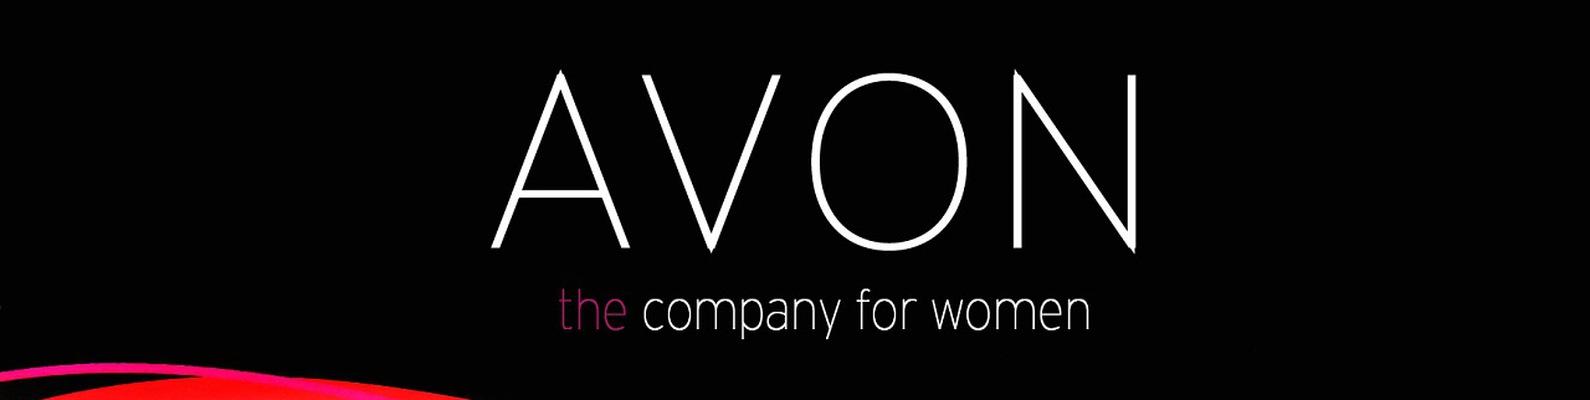 Avon заказать сургут купить в харькове детскую косметику для девочек набор